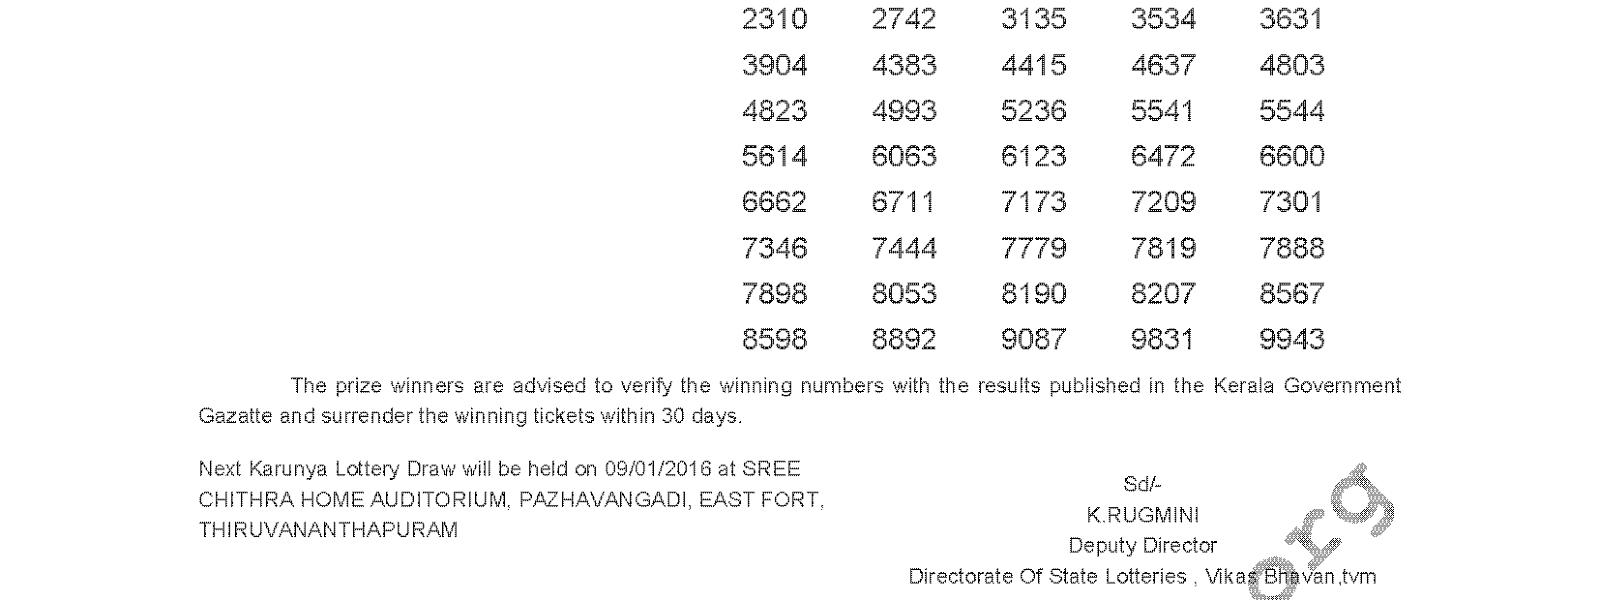 KARUNYA Lottery KR 222 Result 2-1-2016